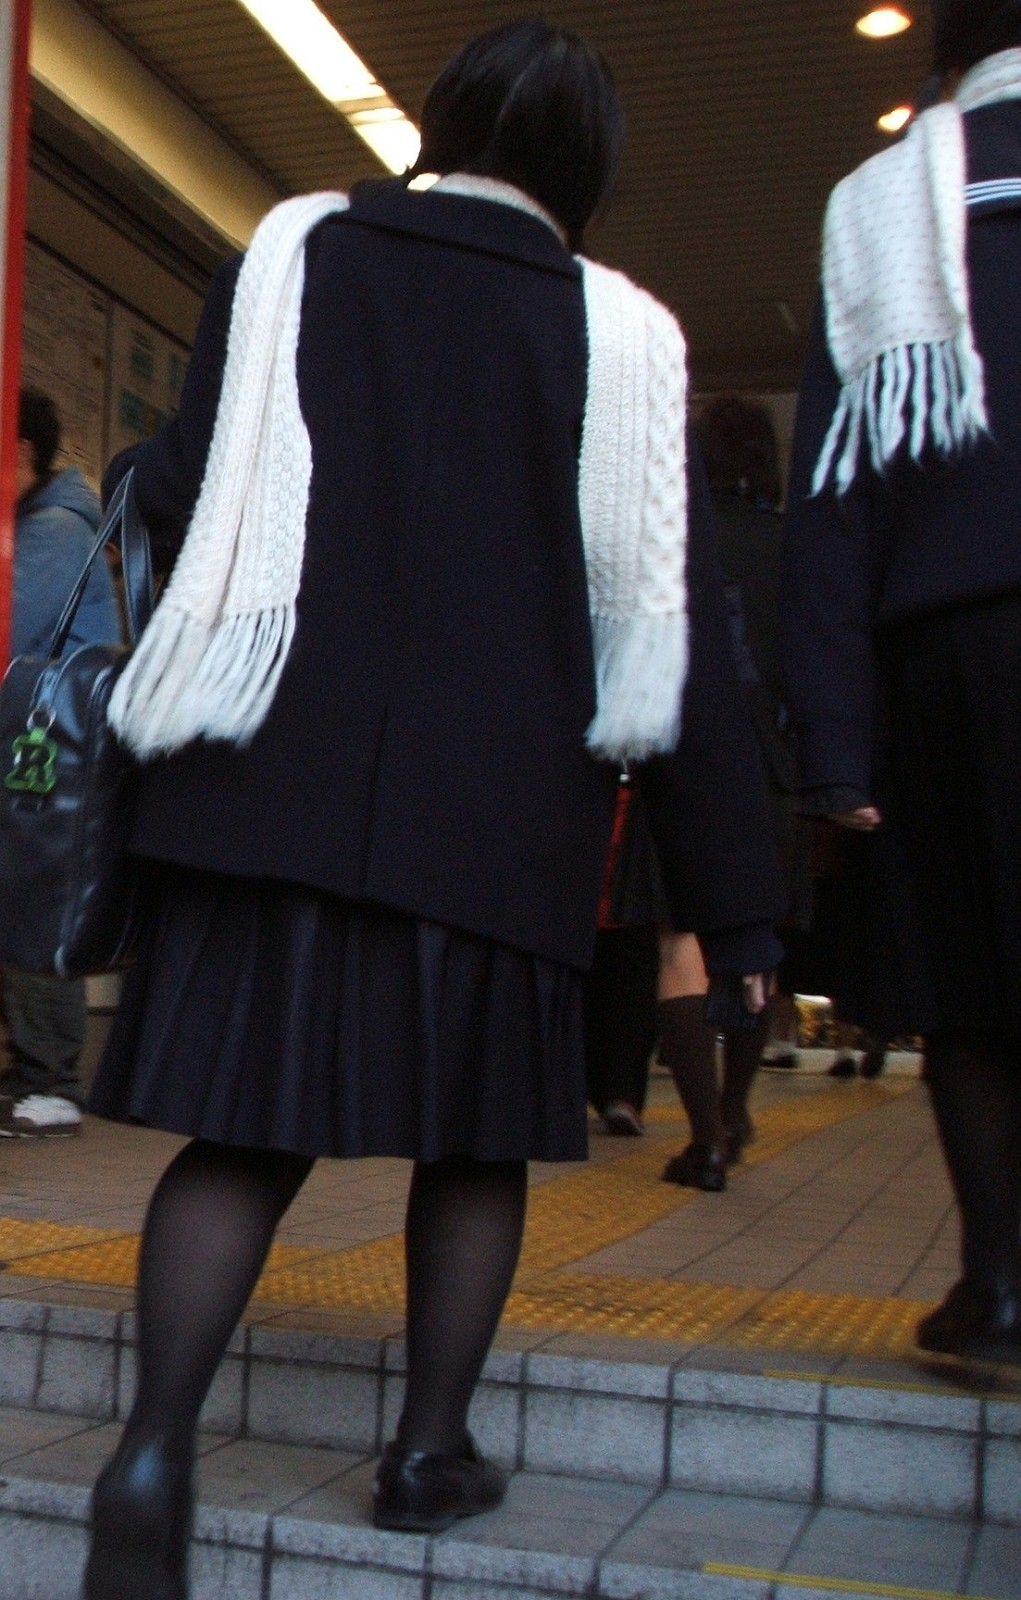 【街撮りJK画像】黒タイツ履いたお嬢様っぽいJKたちの美脚に見とれる画像 05